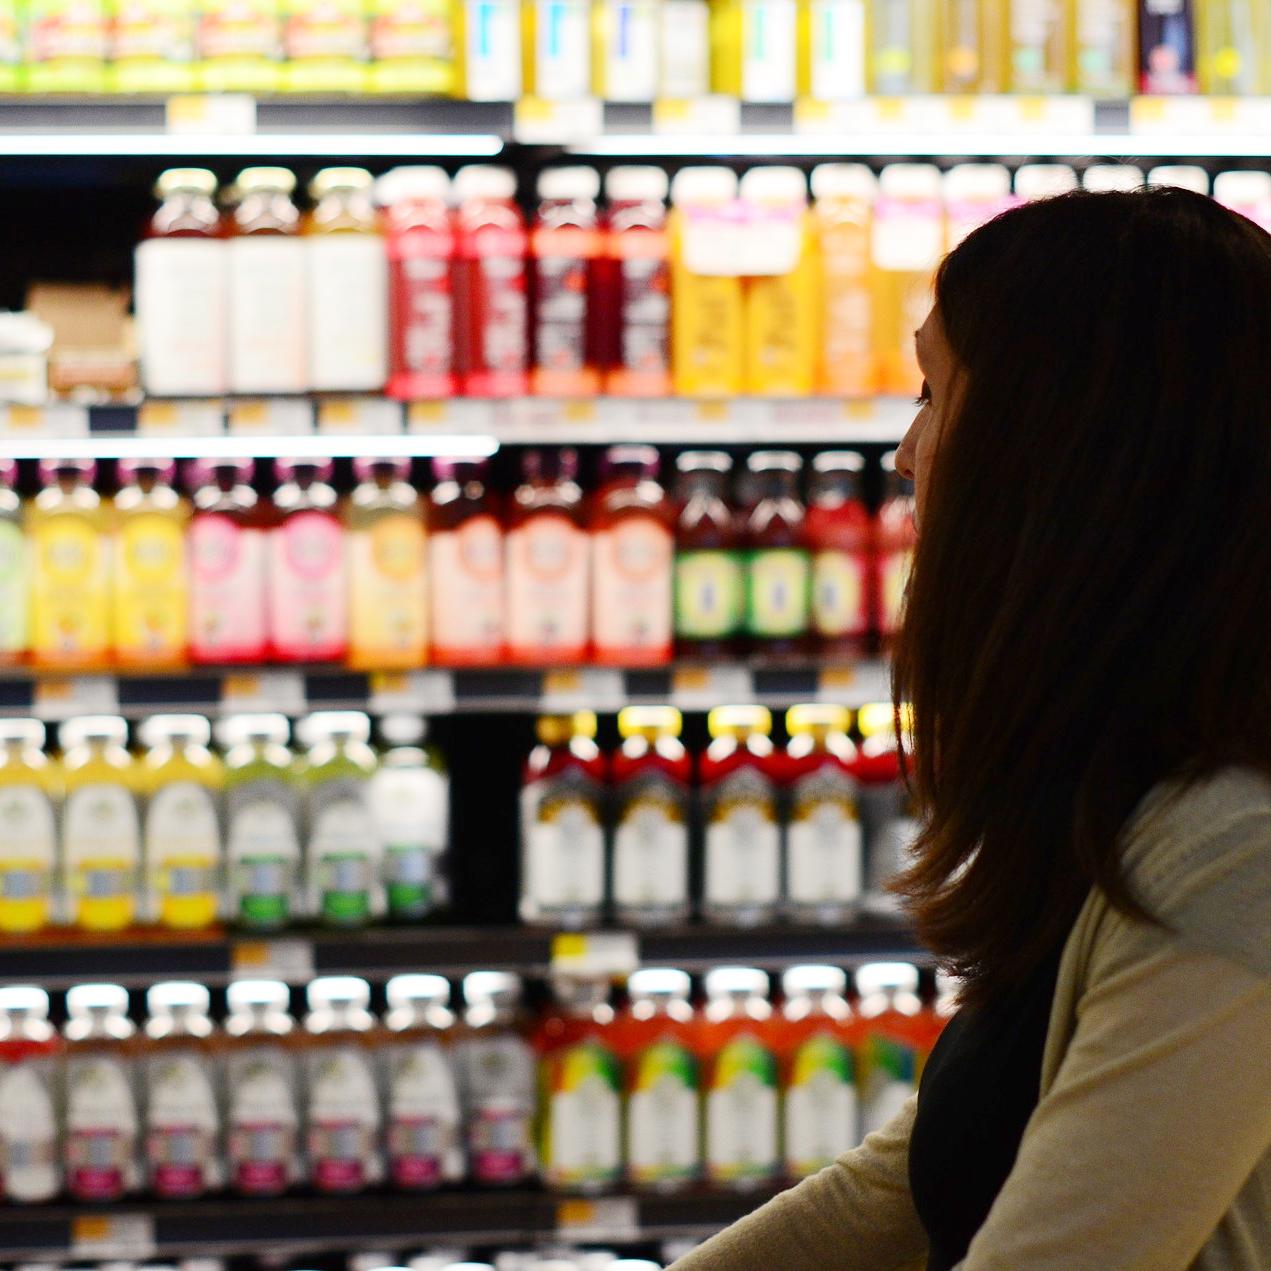 Desarrollo de la innovación en Gran Consumo, así no